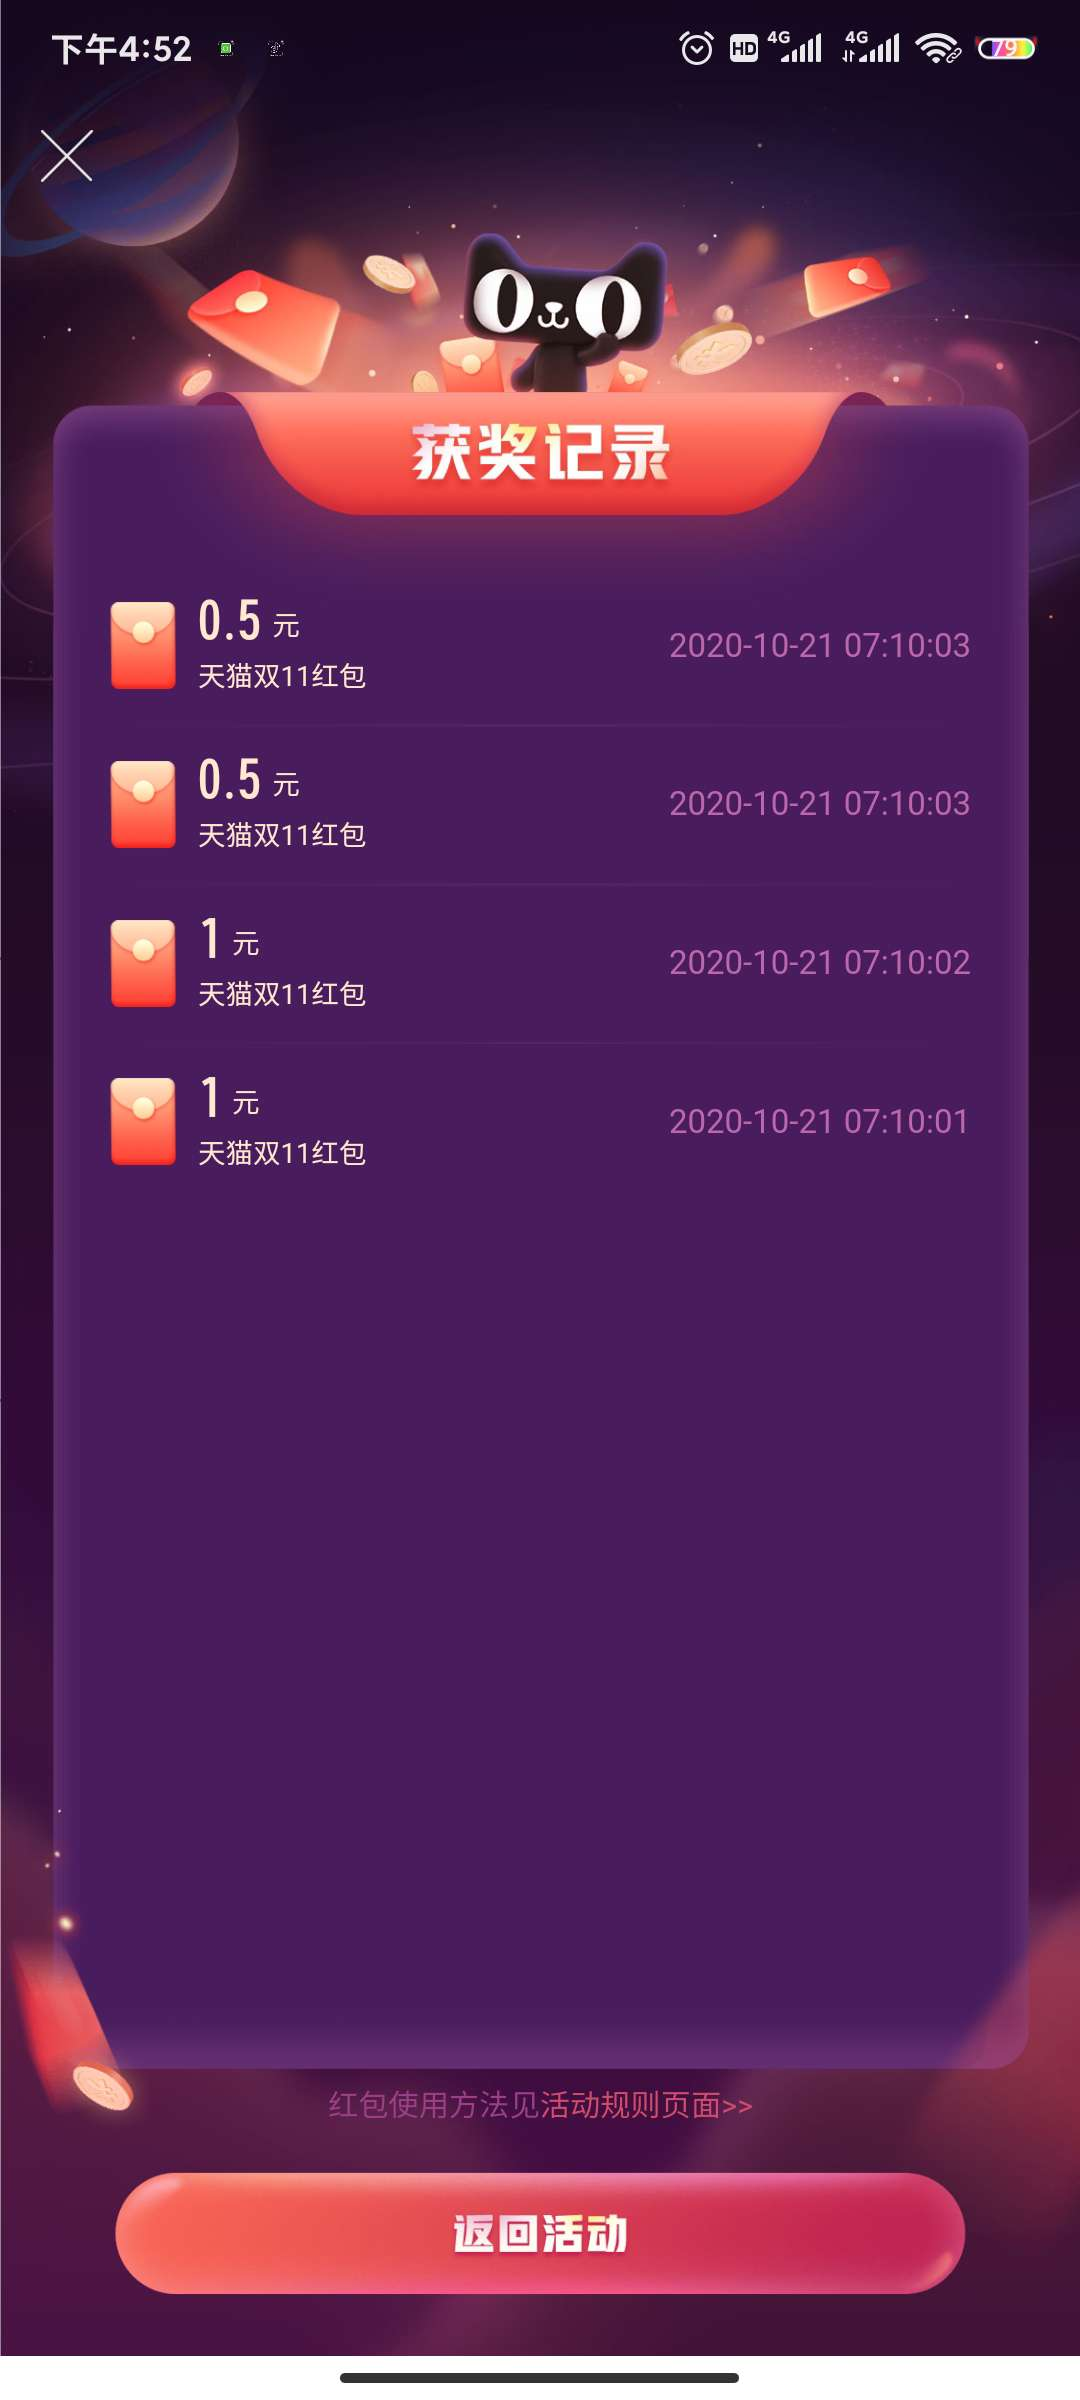 【虚拟物品】天猫双十一微博做任务领红包